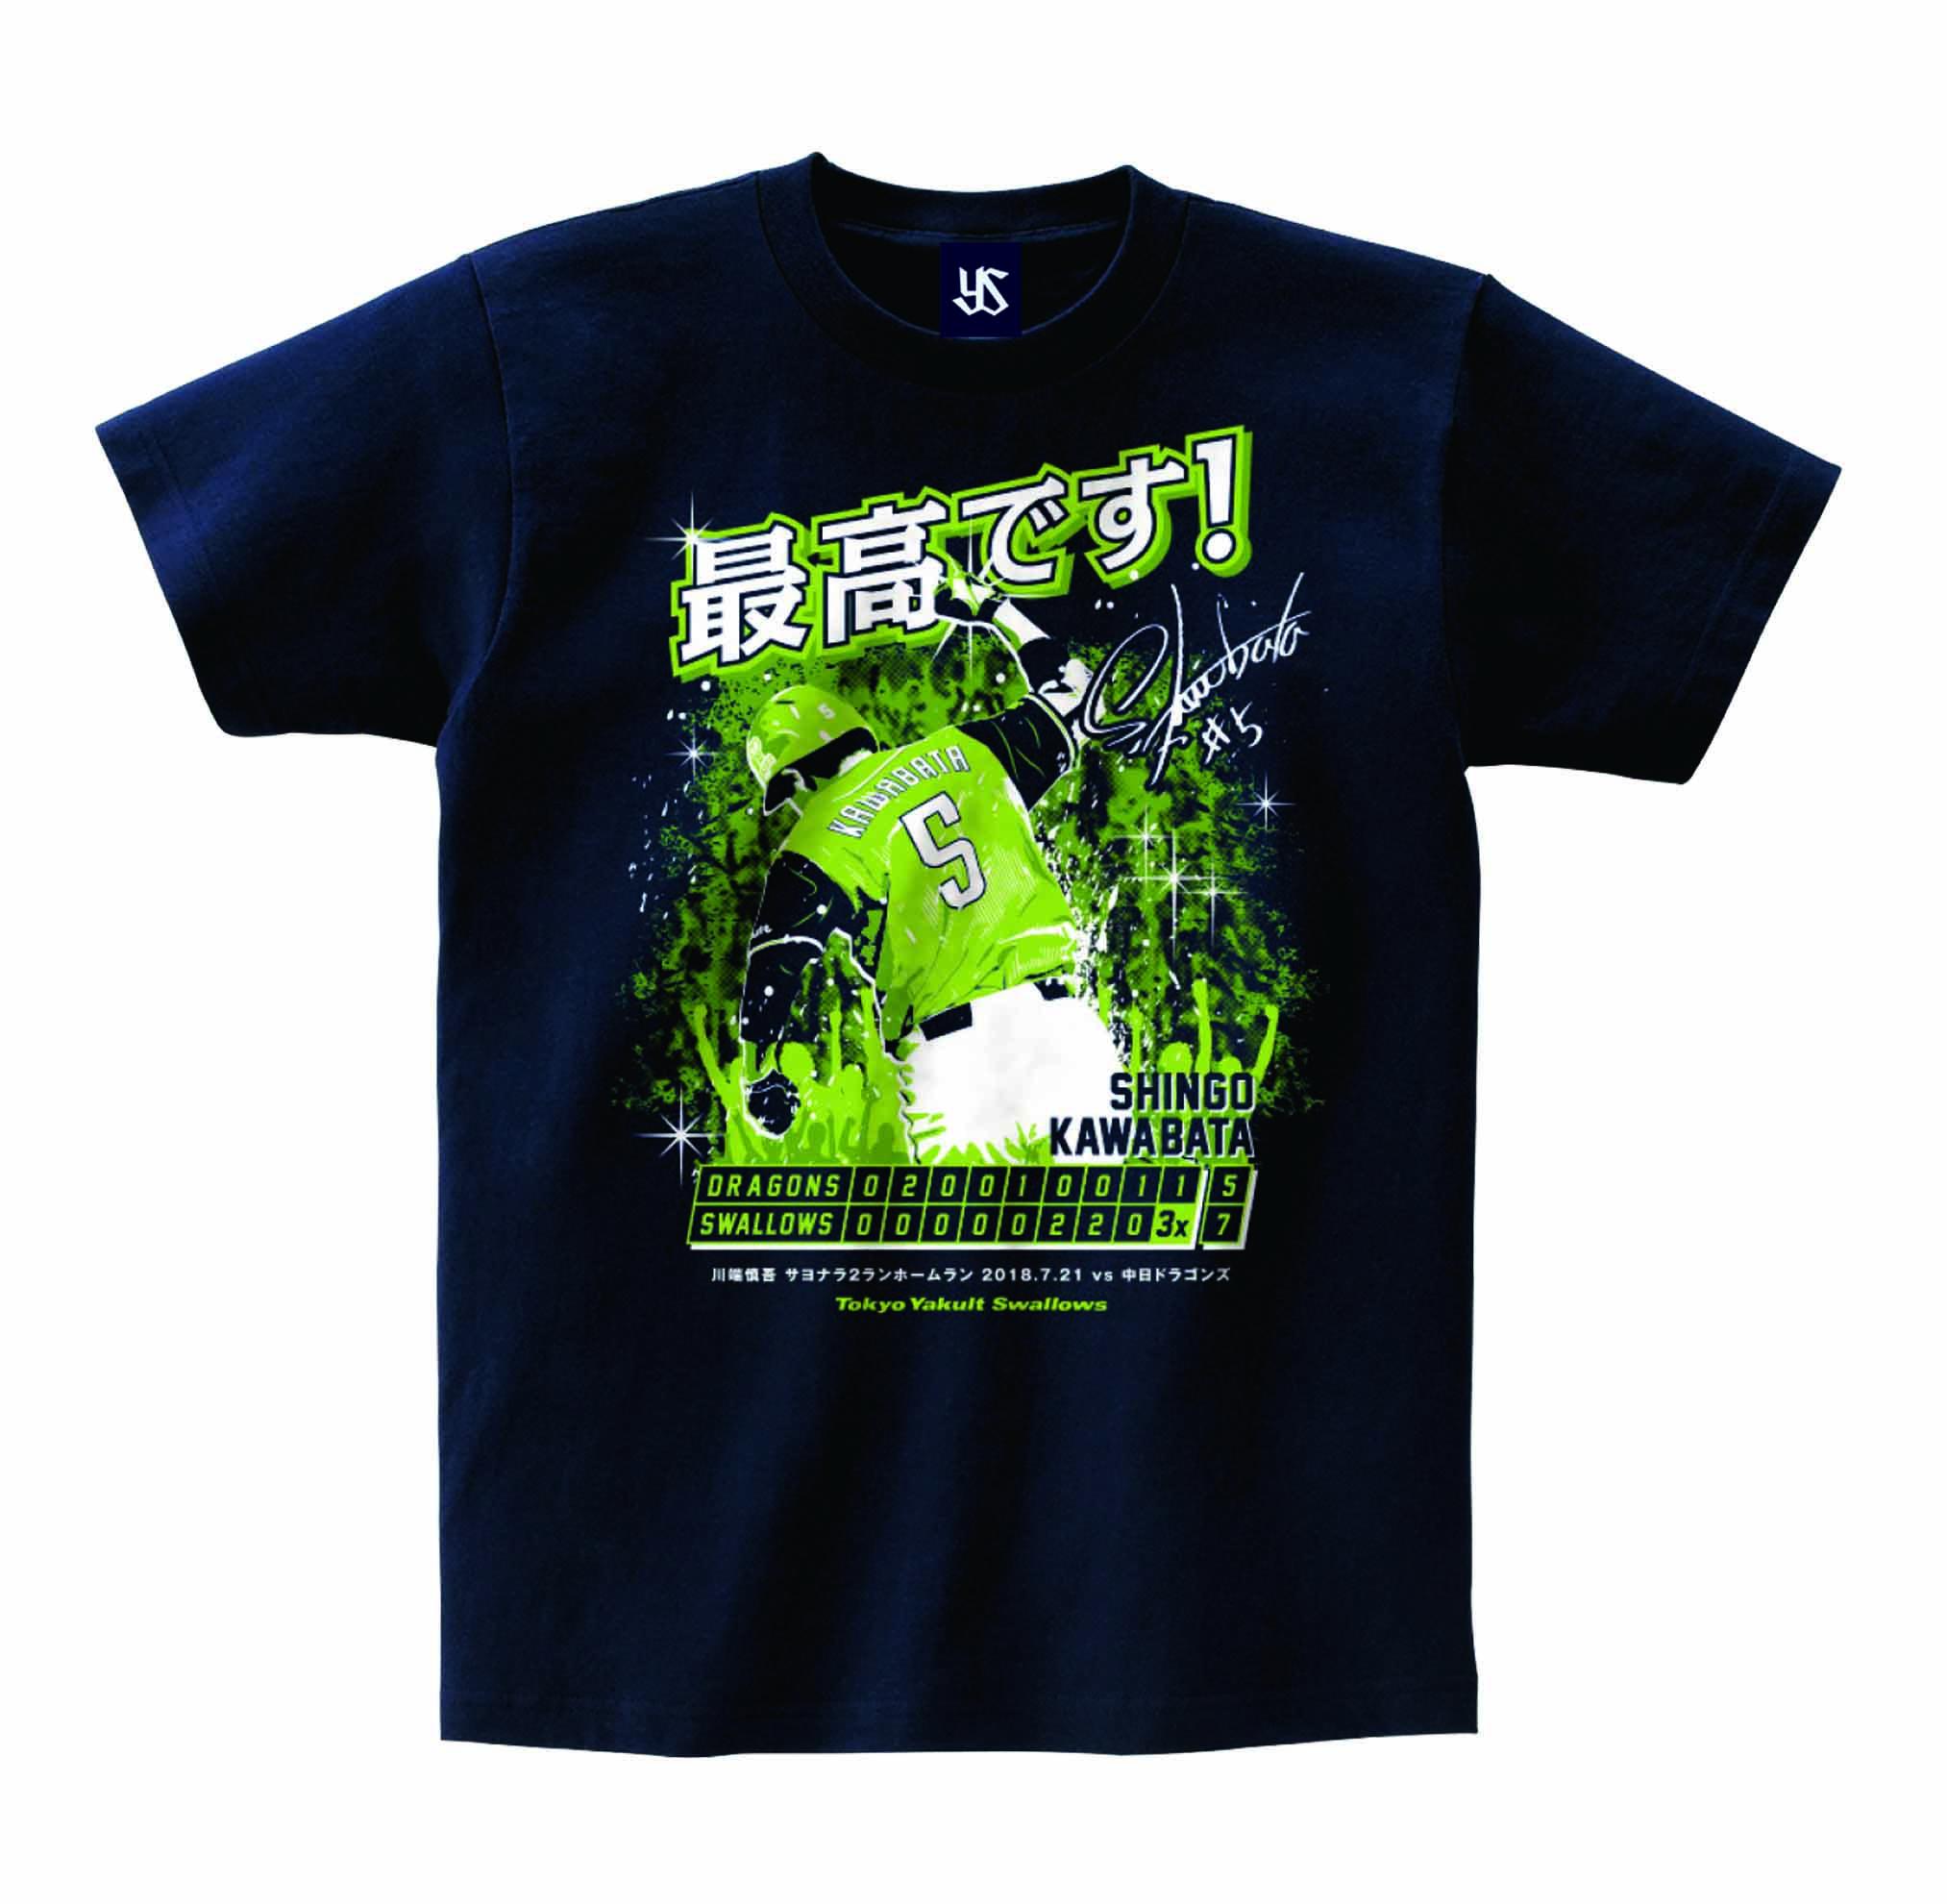 川端慎吾サヨナラ2ランホームランTシャツ